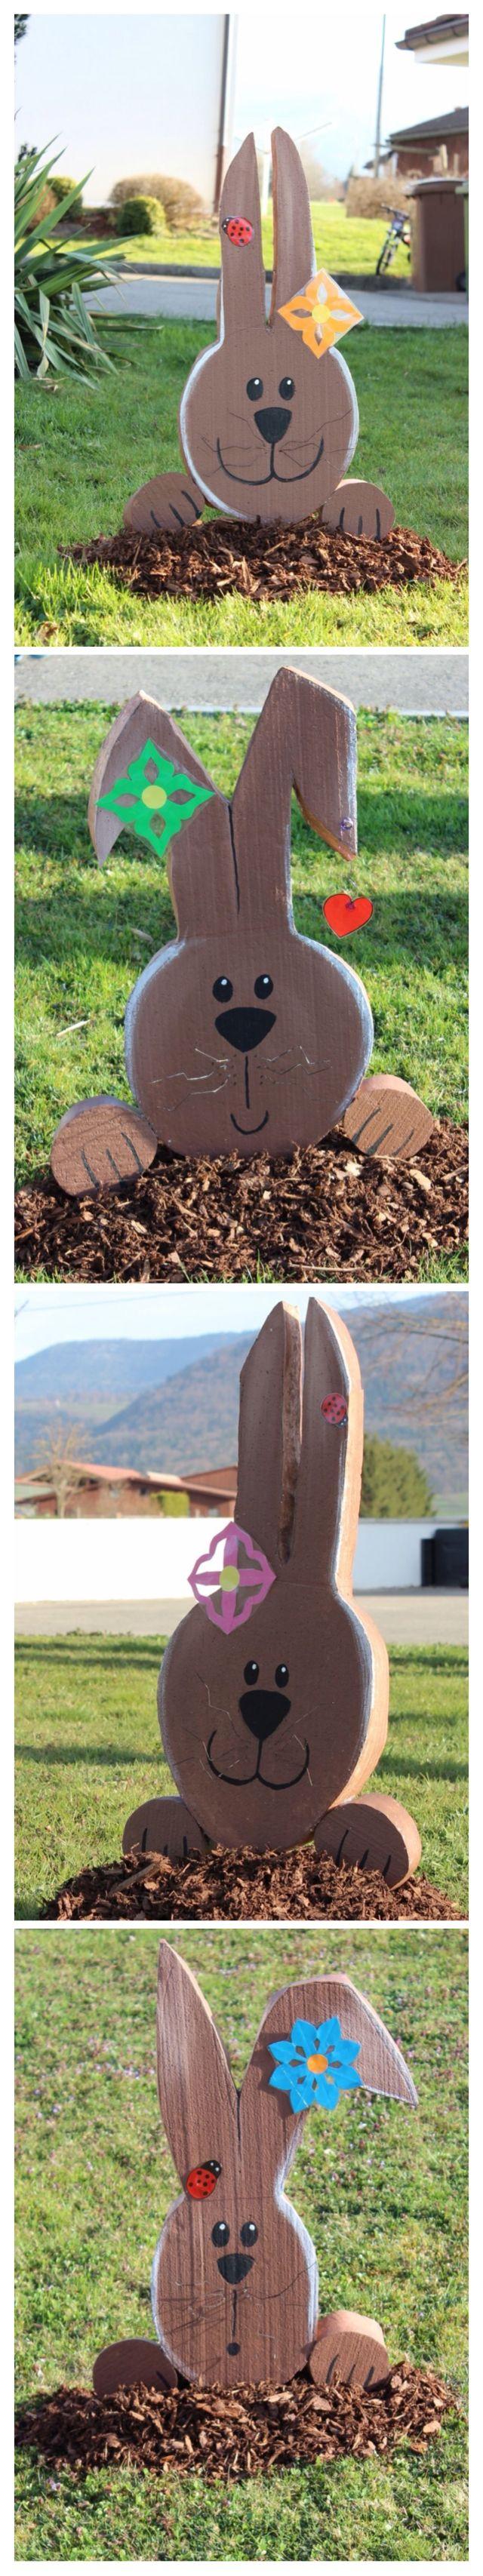 Déco de Pâques en sajex récup #paques #decoration  www.pinterest.com/fleurysylvie  et www.toutpetitrien.ch